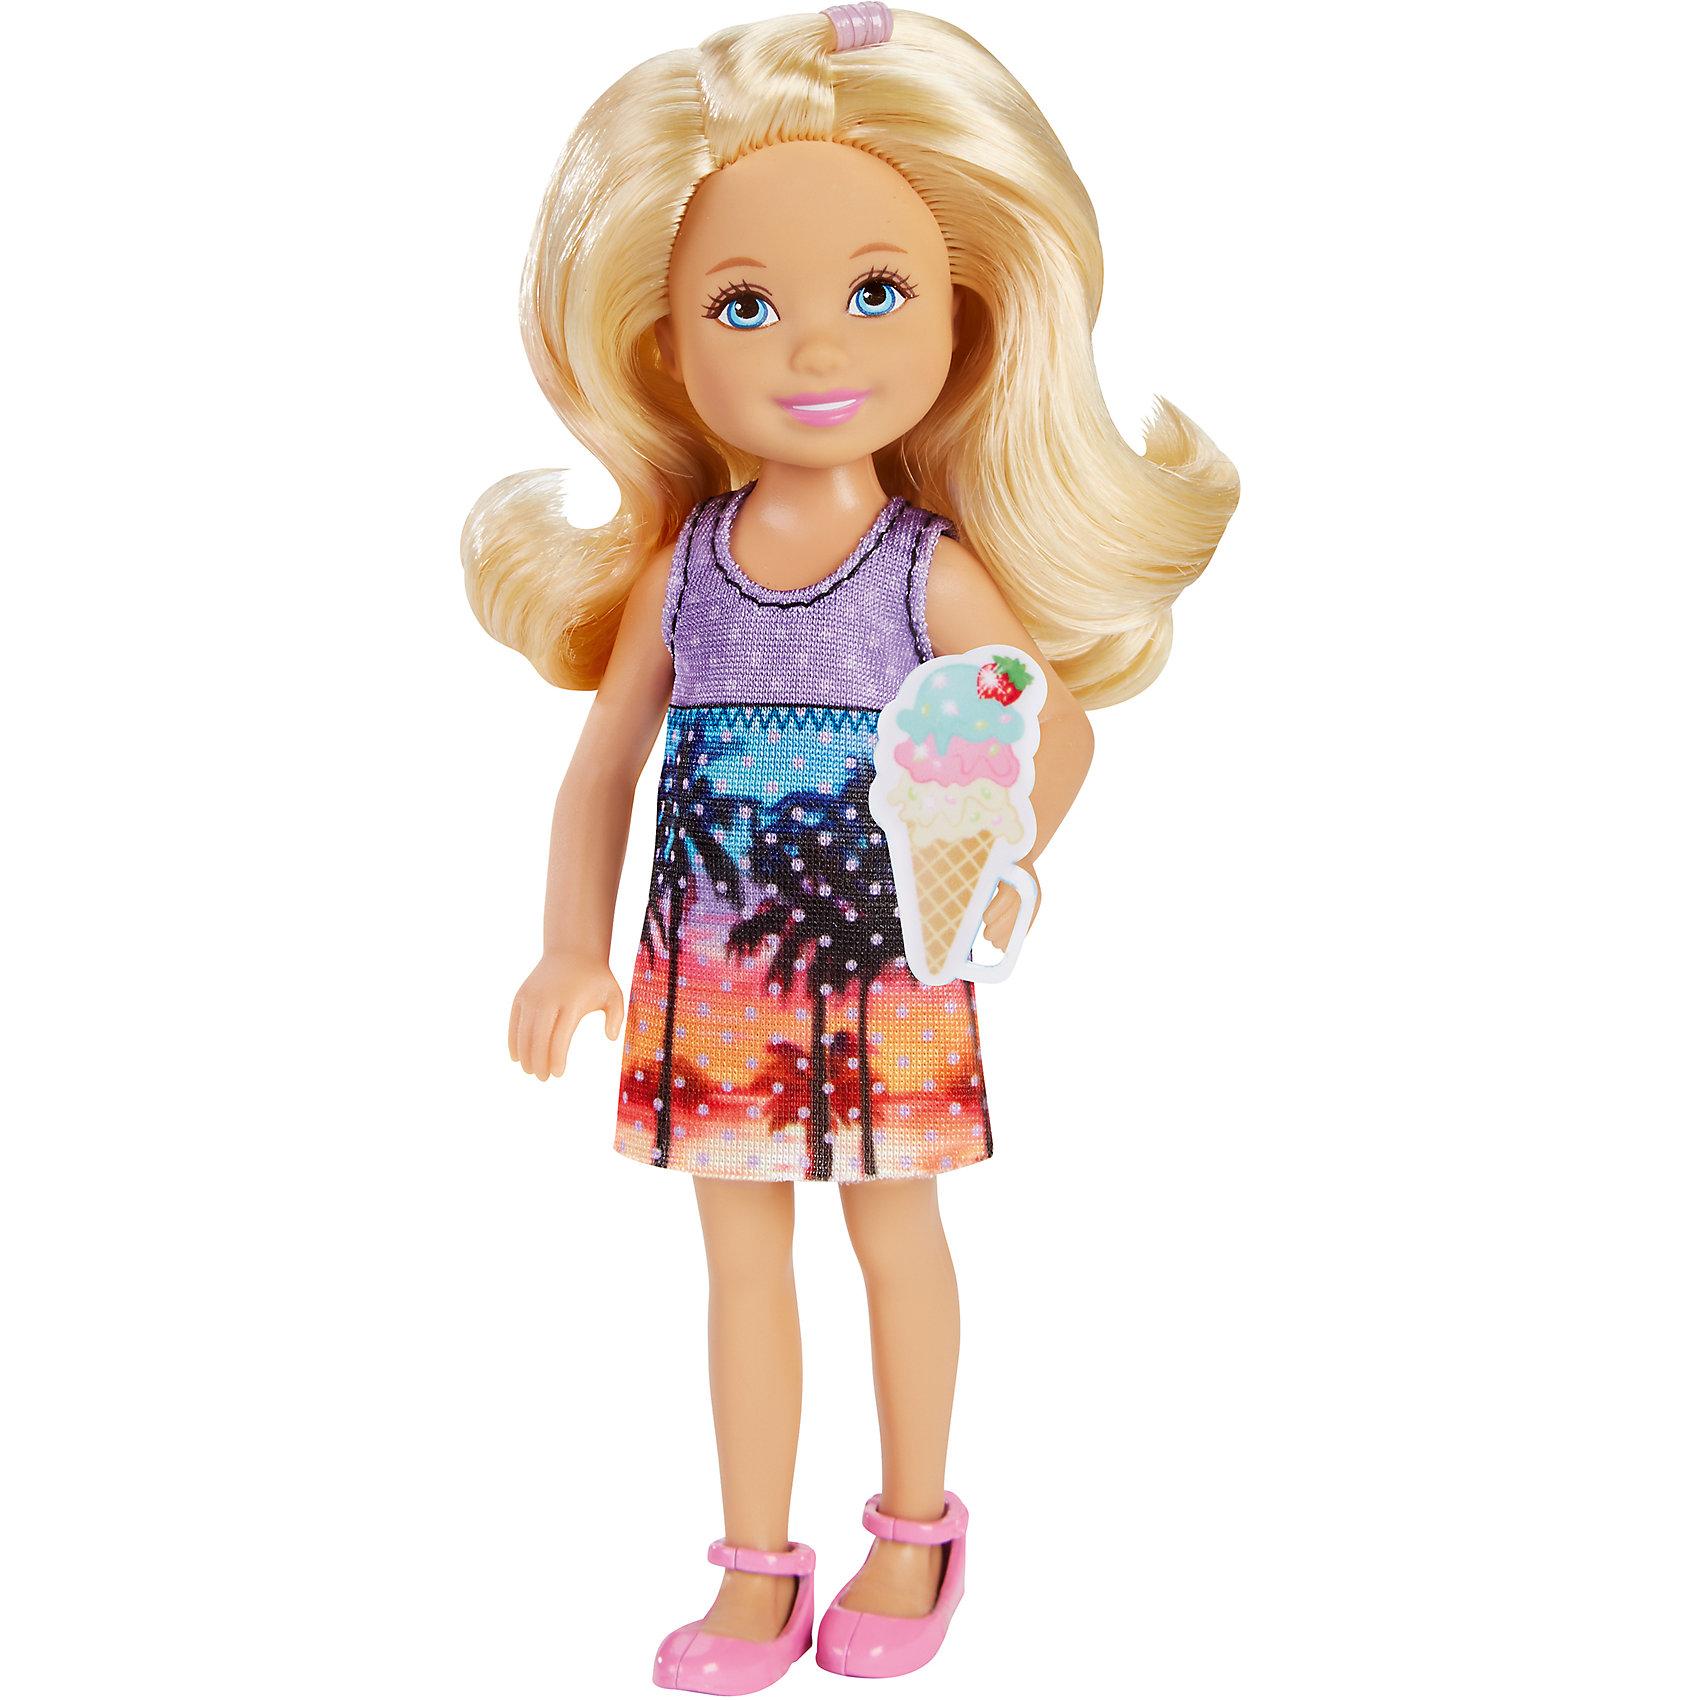 Mattel Кукла Челси с аксессуарами, Barbie кукла barbie mattel barbie радужная принцесса с волшебными волосами в ассортименте dpp90